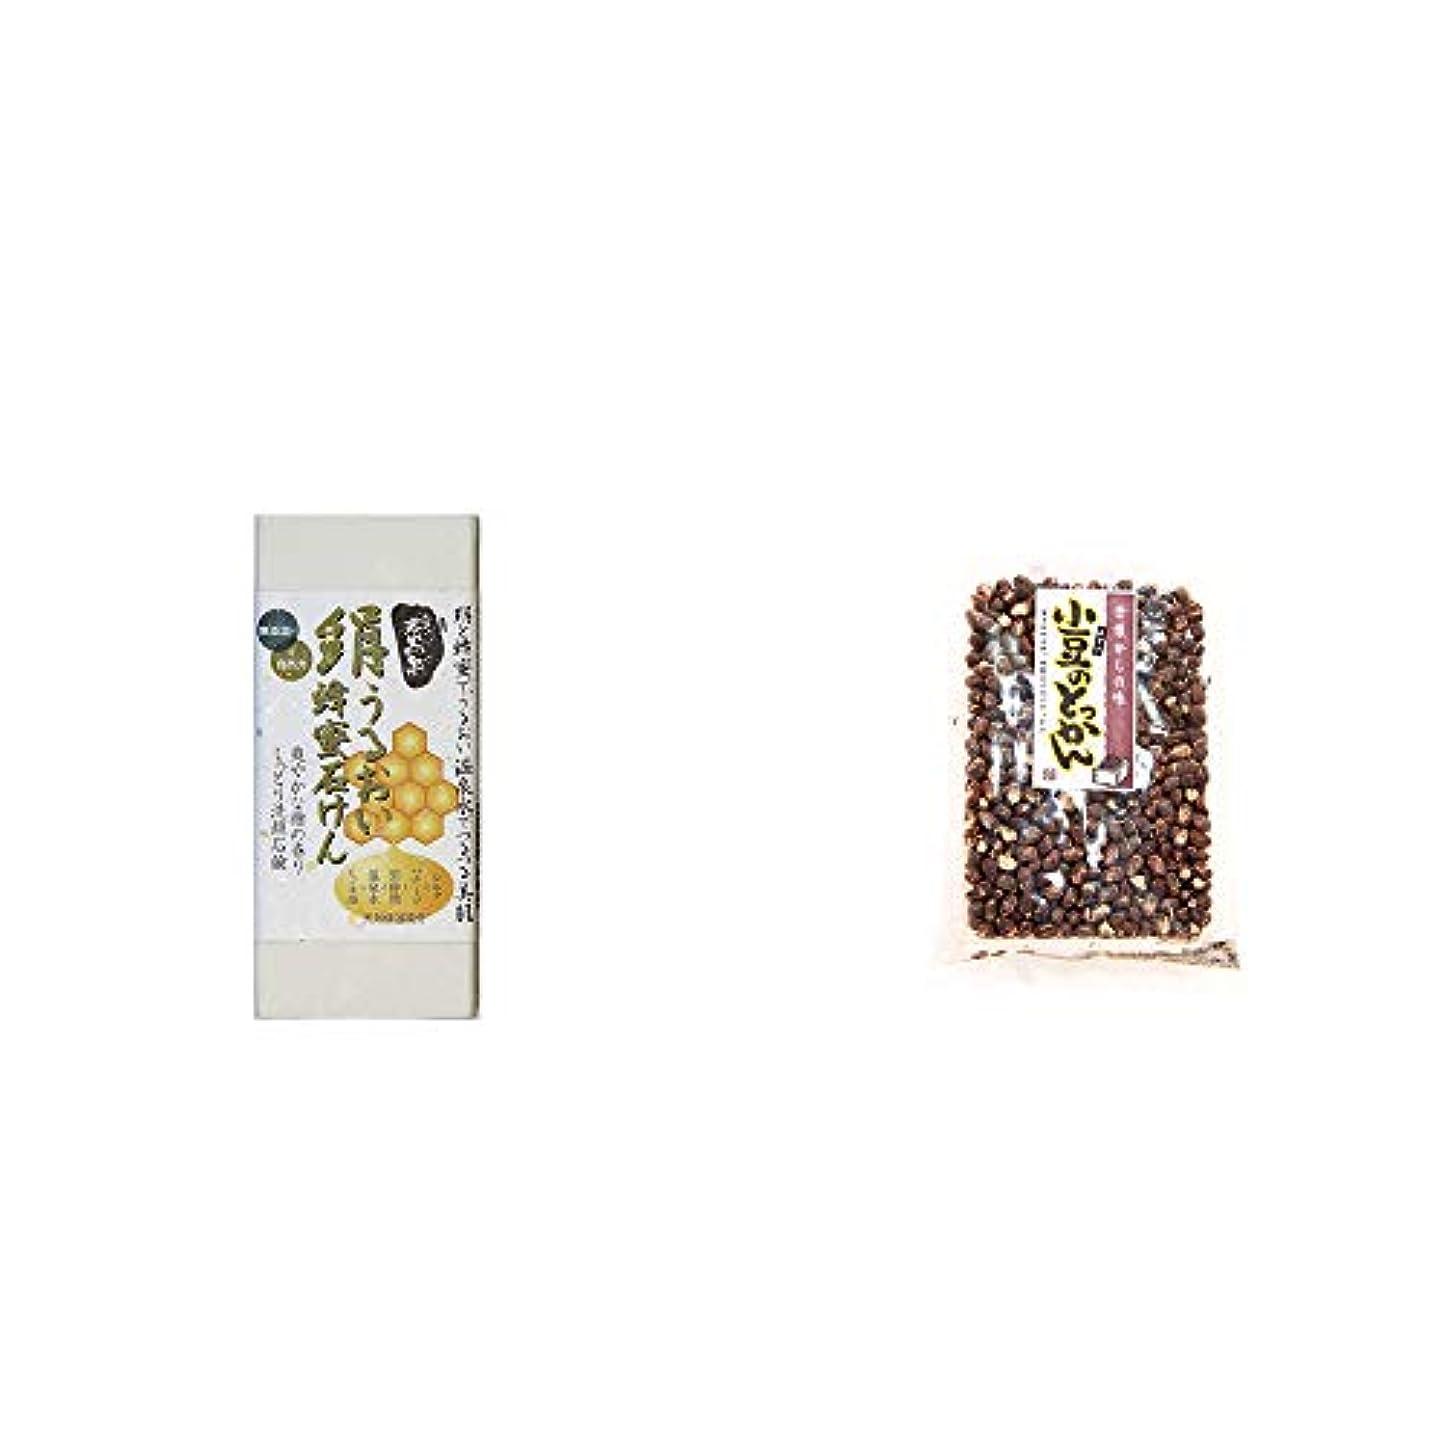 プラットフォーム調整センター[2点セット] ひのき炭黒泉 絹うるおい蜂蜜石けん(75g×2)?小豆のとっかん(150g)